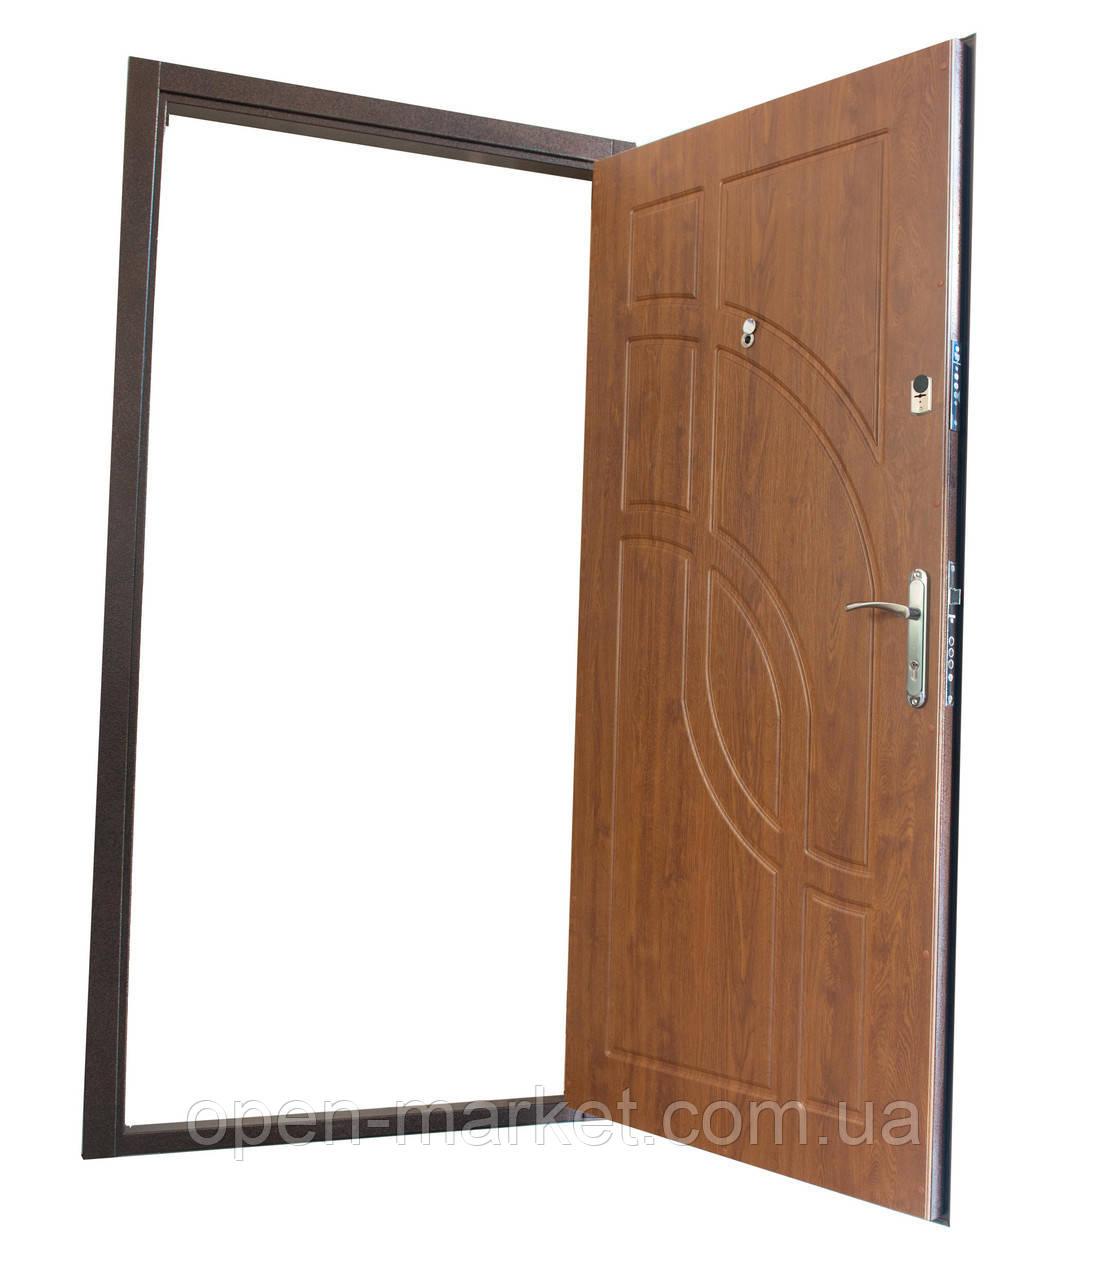 Двери уличные Баловное Николаевская область